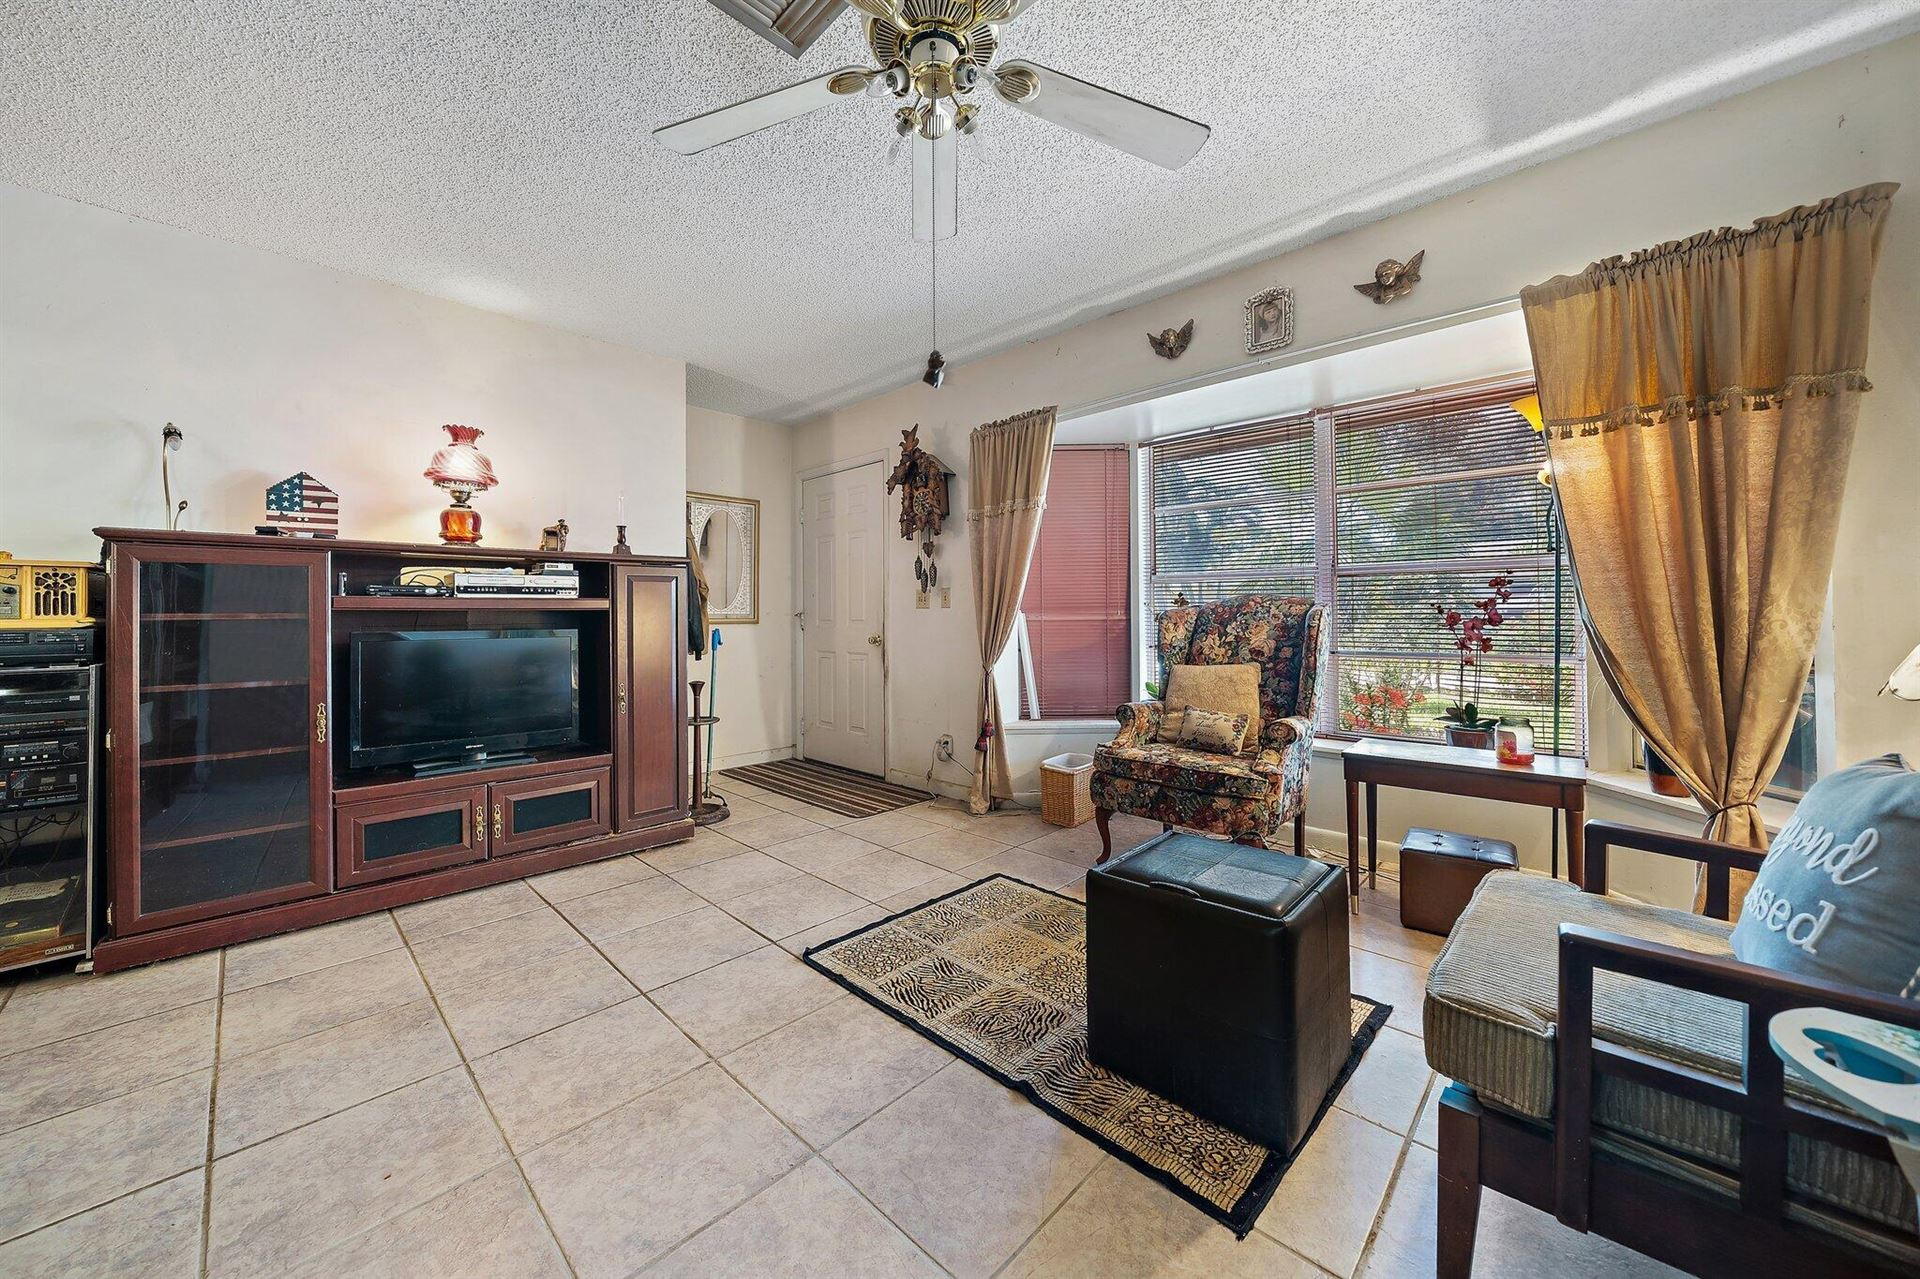 Photo of 8955 SE Bobo Court, Hobe Sound, FL 33455 (MLS # RX-10748672)